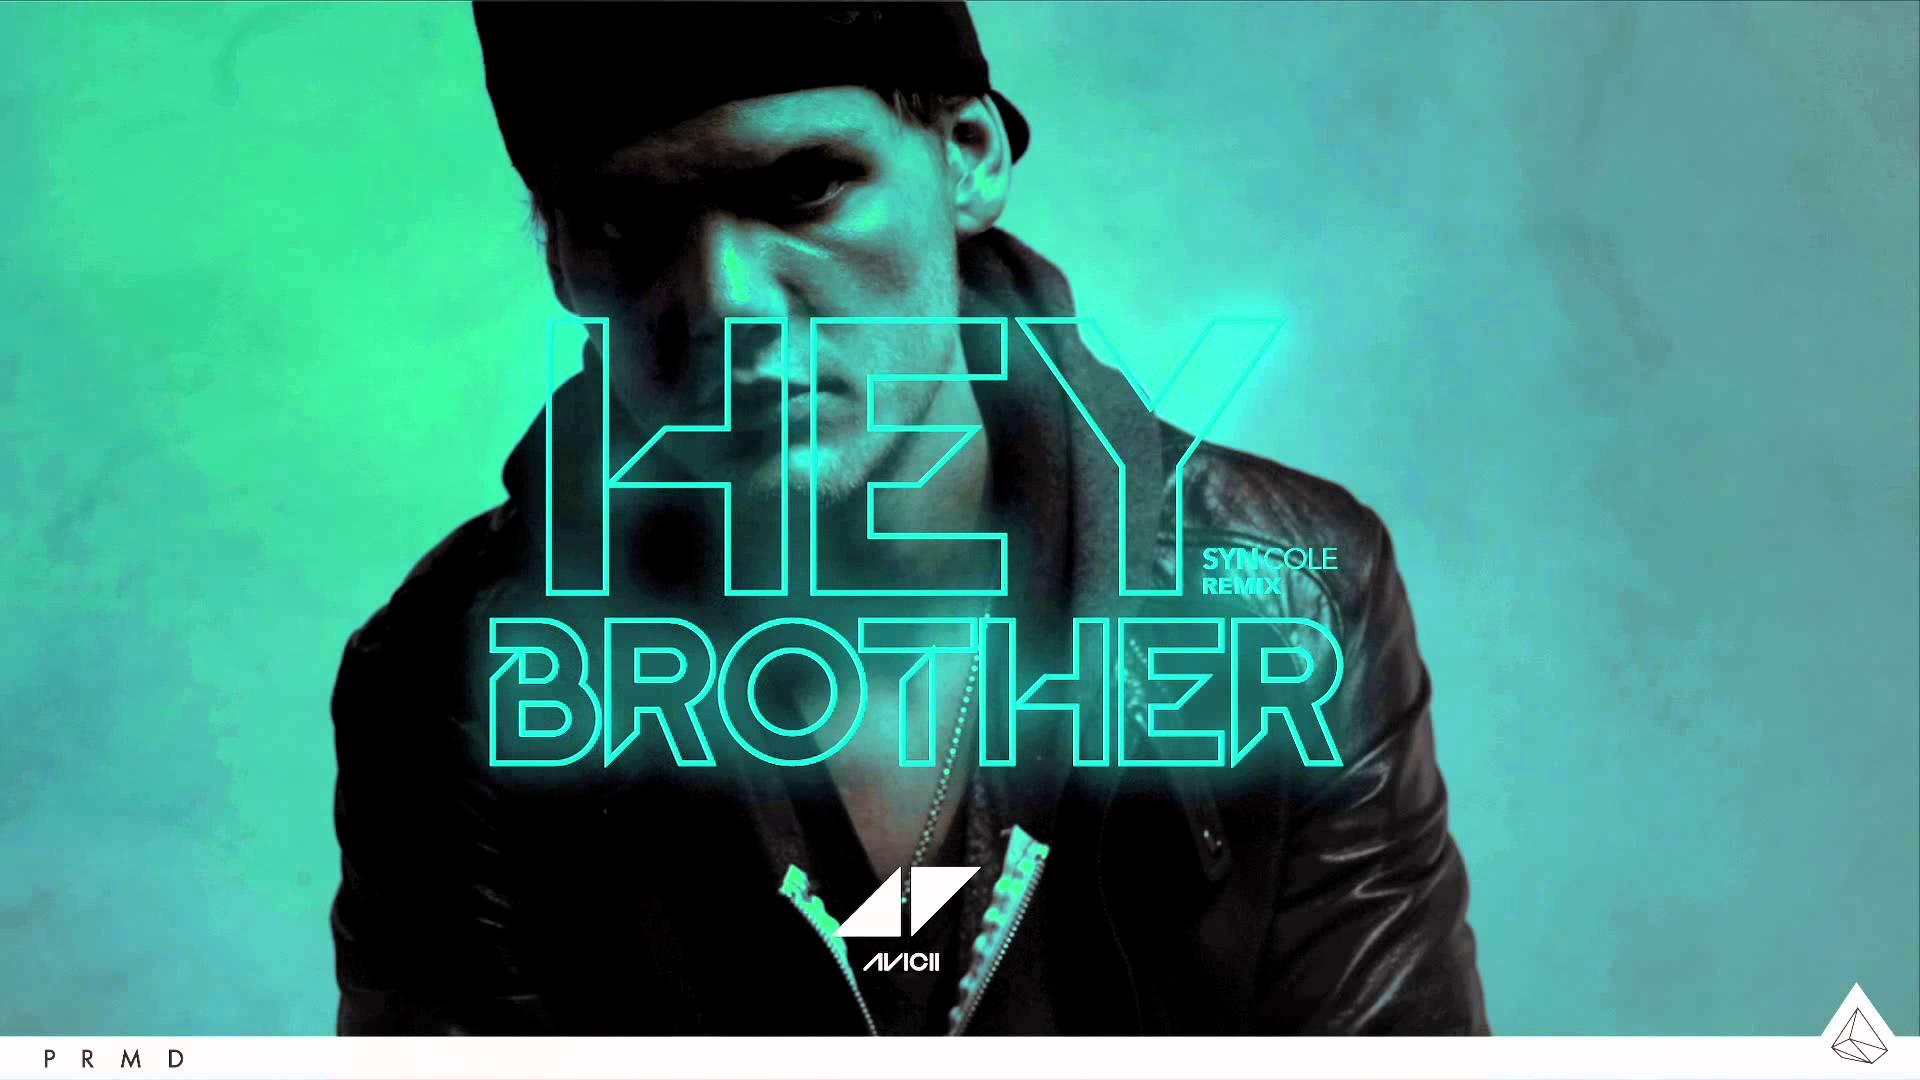 Hey Brother - Avicii Ca khúc hay nói về tình cảm gia đình